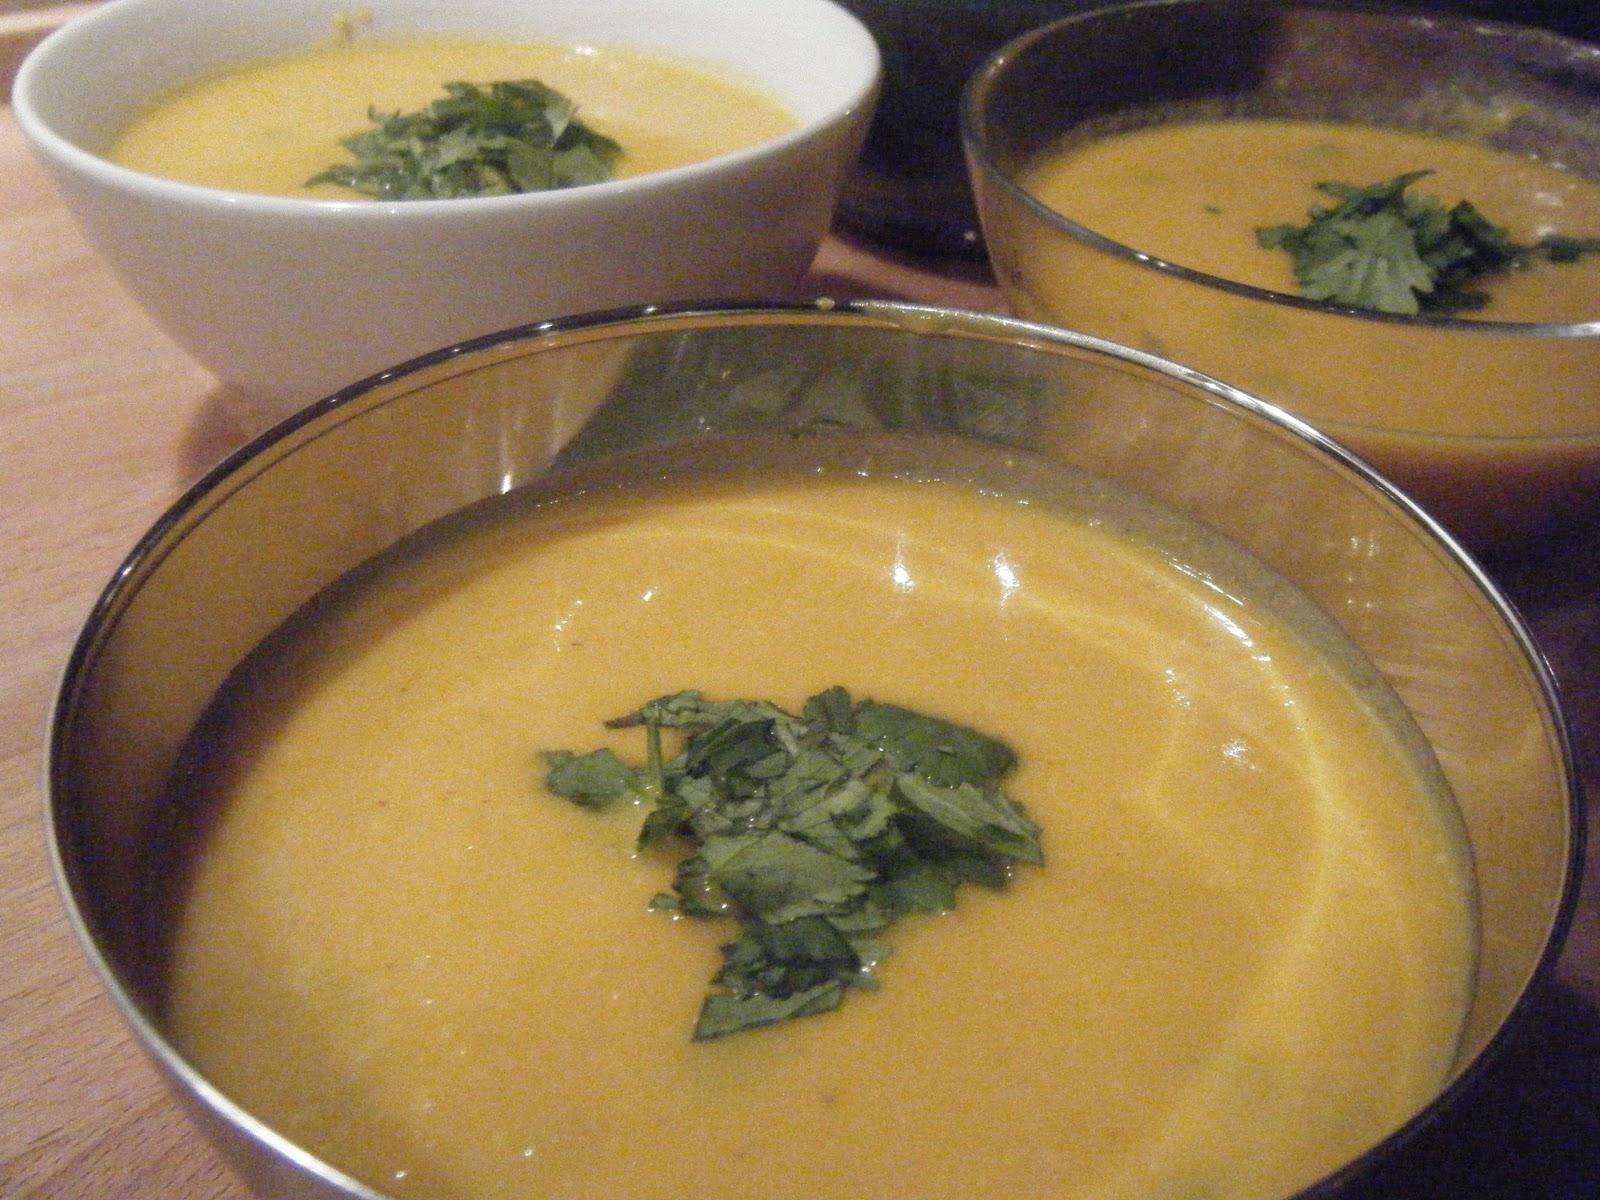 midi cuisine soupe de carotte aux pois cass s. Black Bedroom Furniture Sets. Home Design Ideas